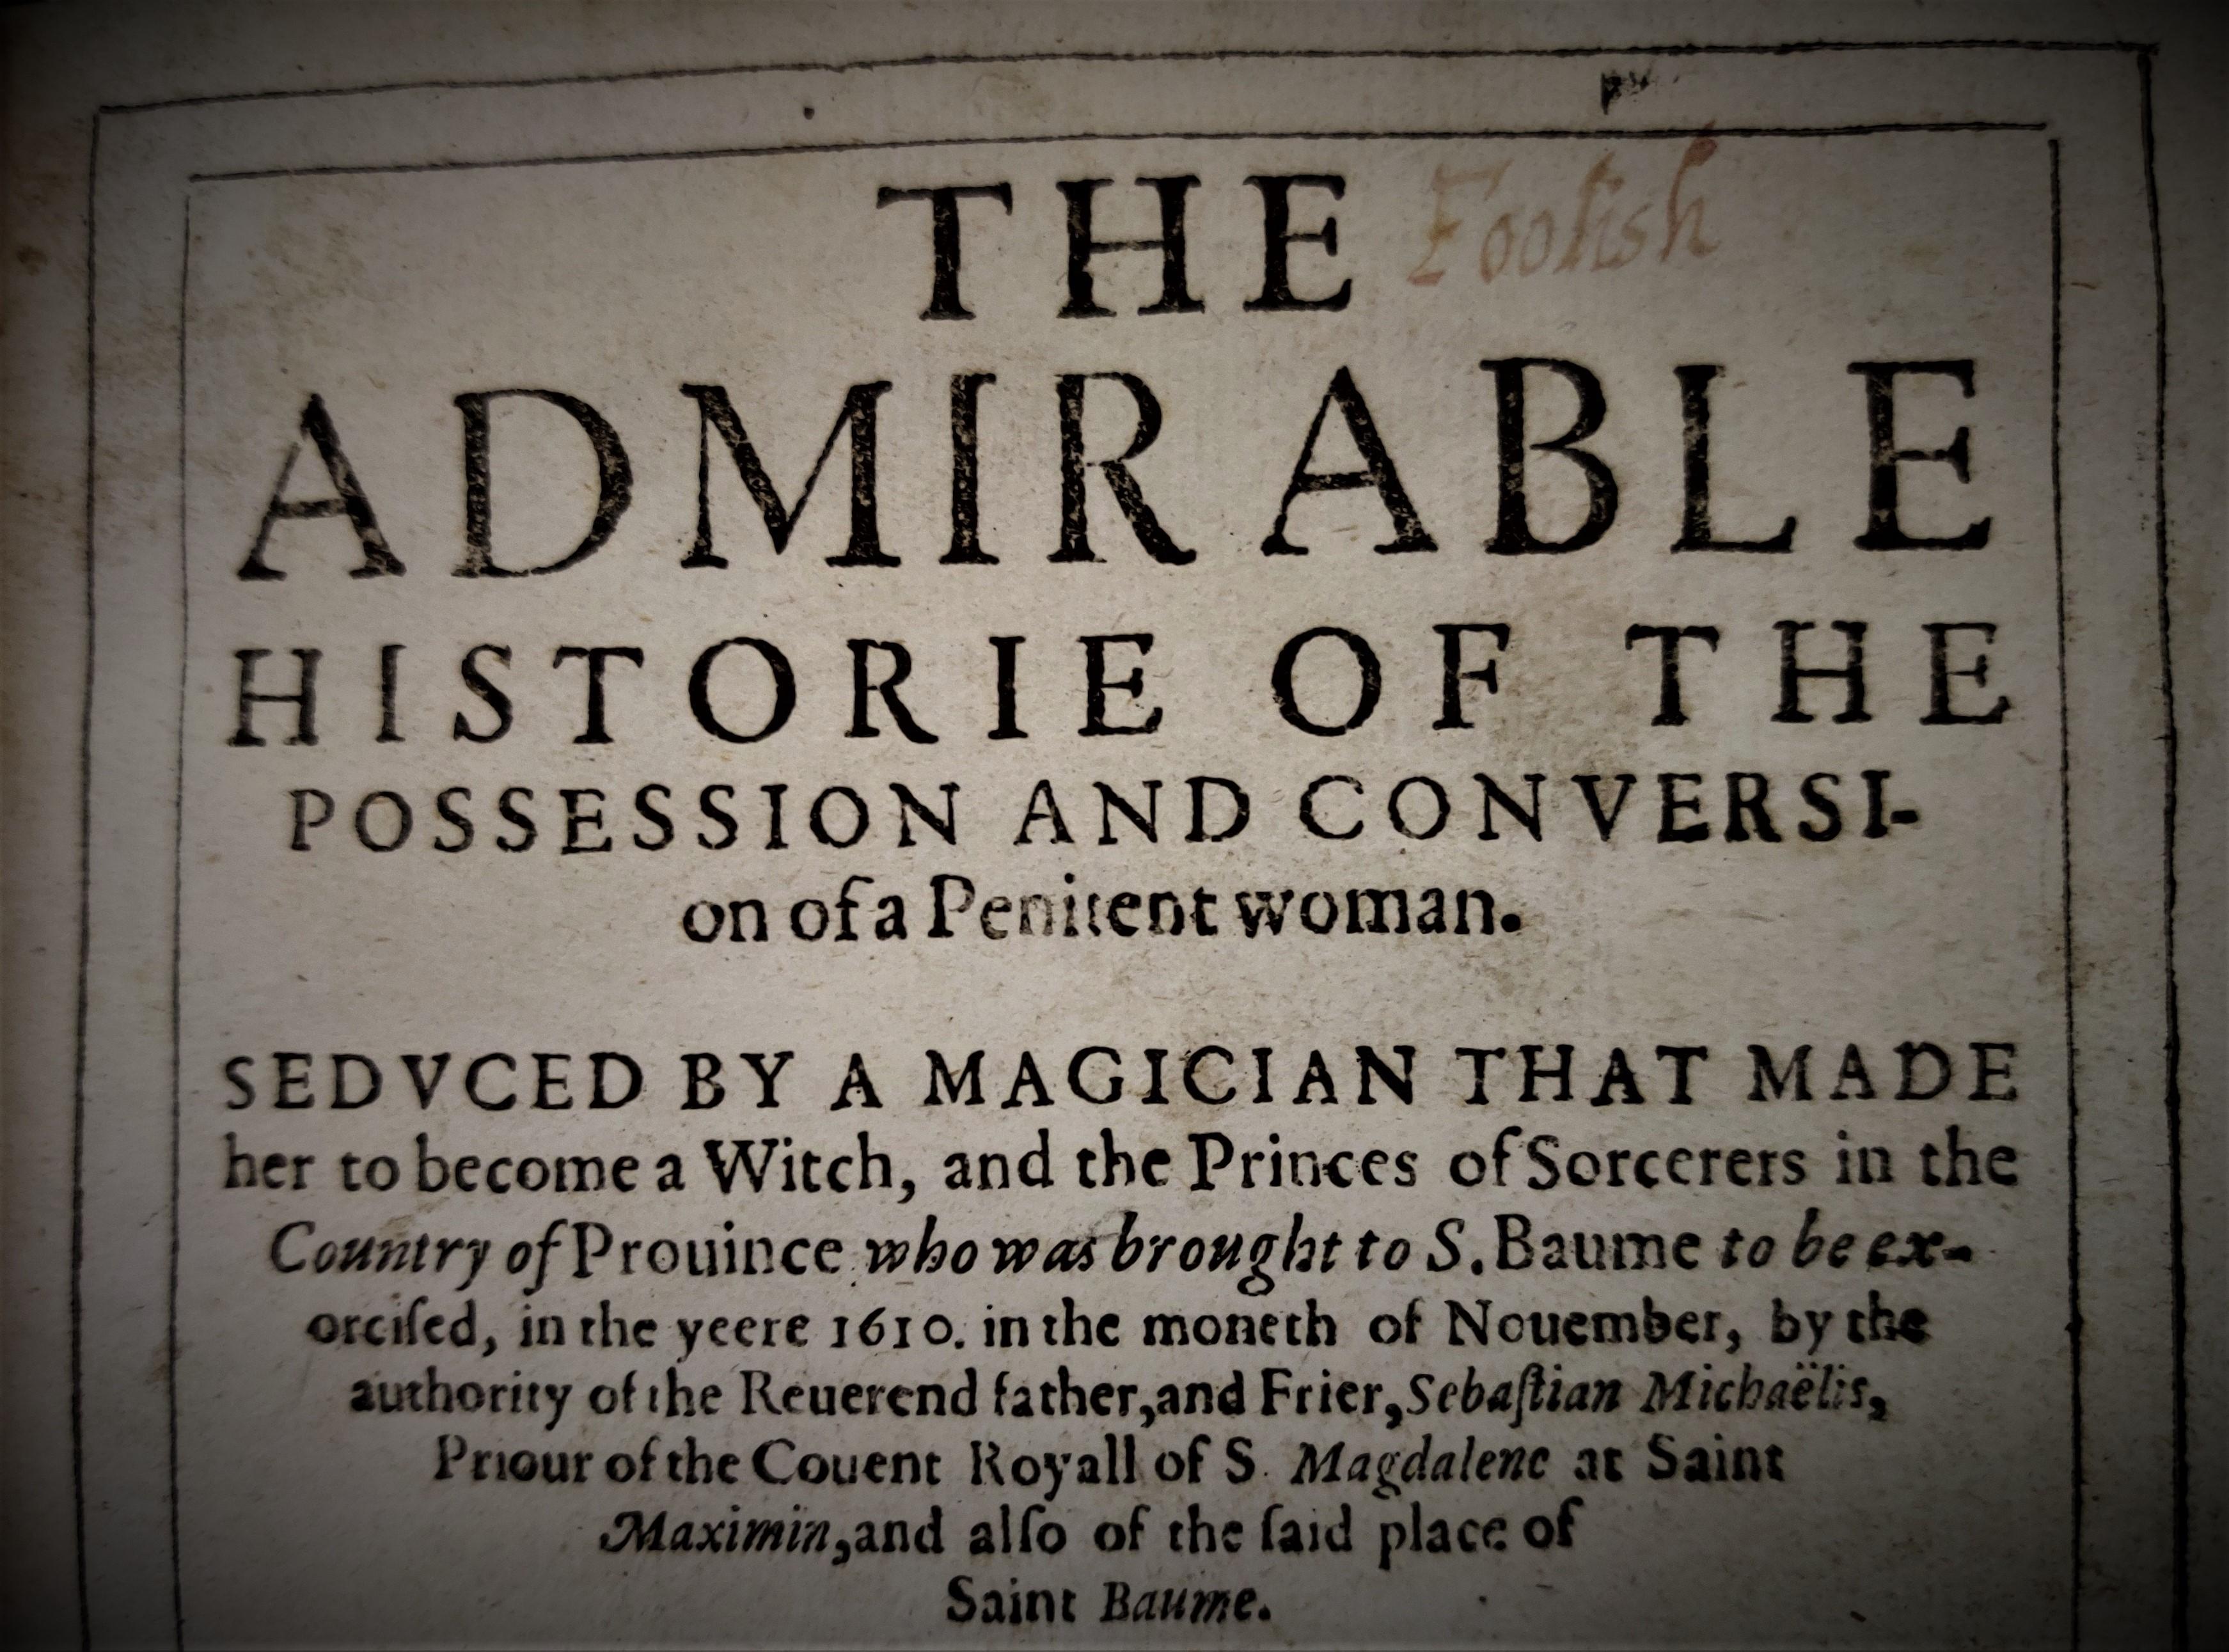 Title page from Balliol's copy of Histoire Admirable de la Possession et Conversion d'une Penitent